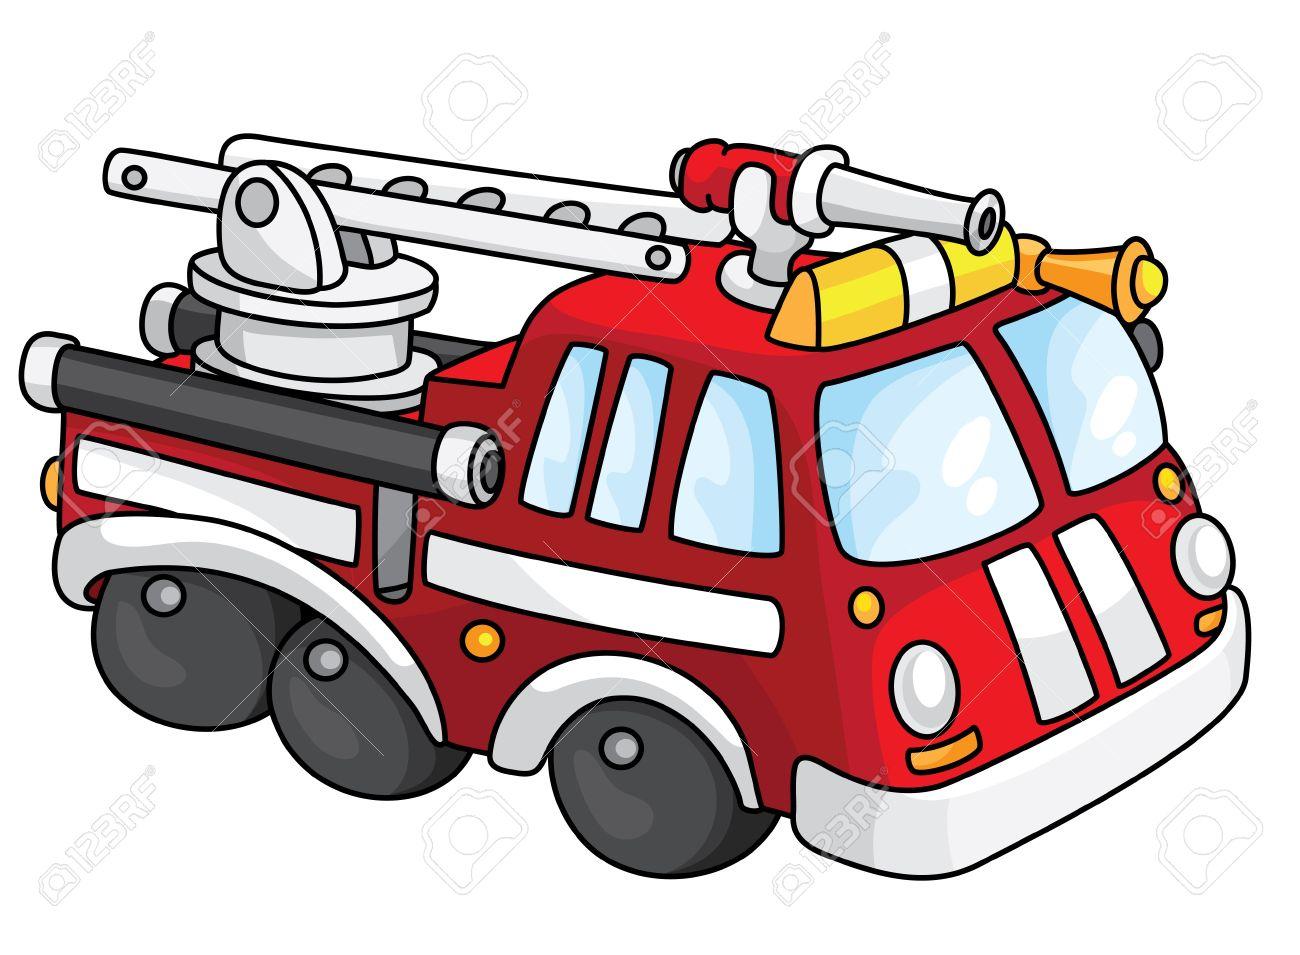 Firetruck clipart siren. Vintage fire truck free